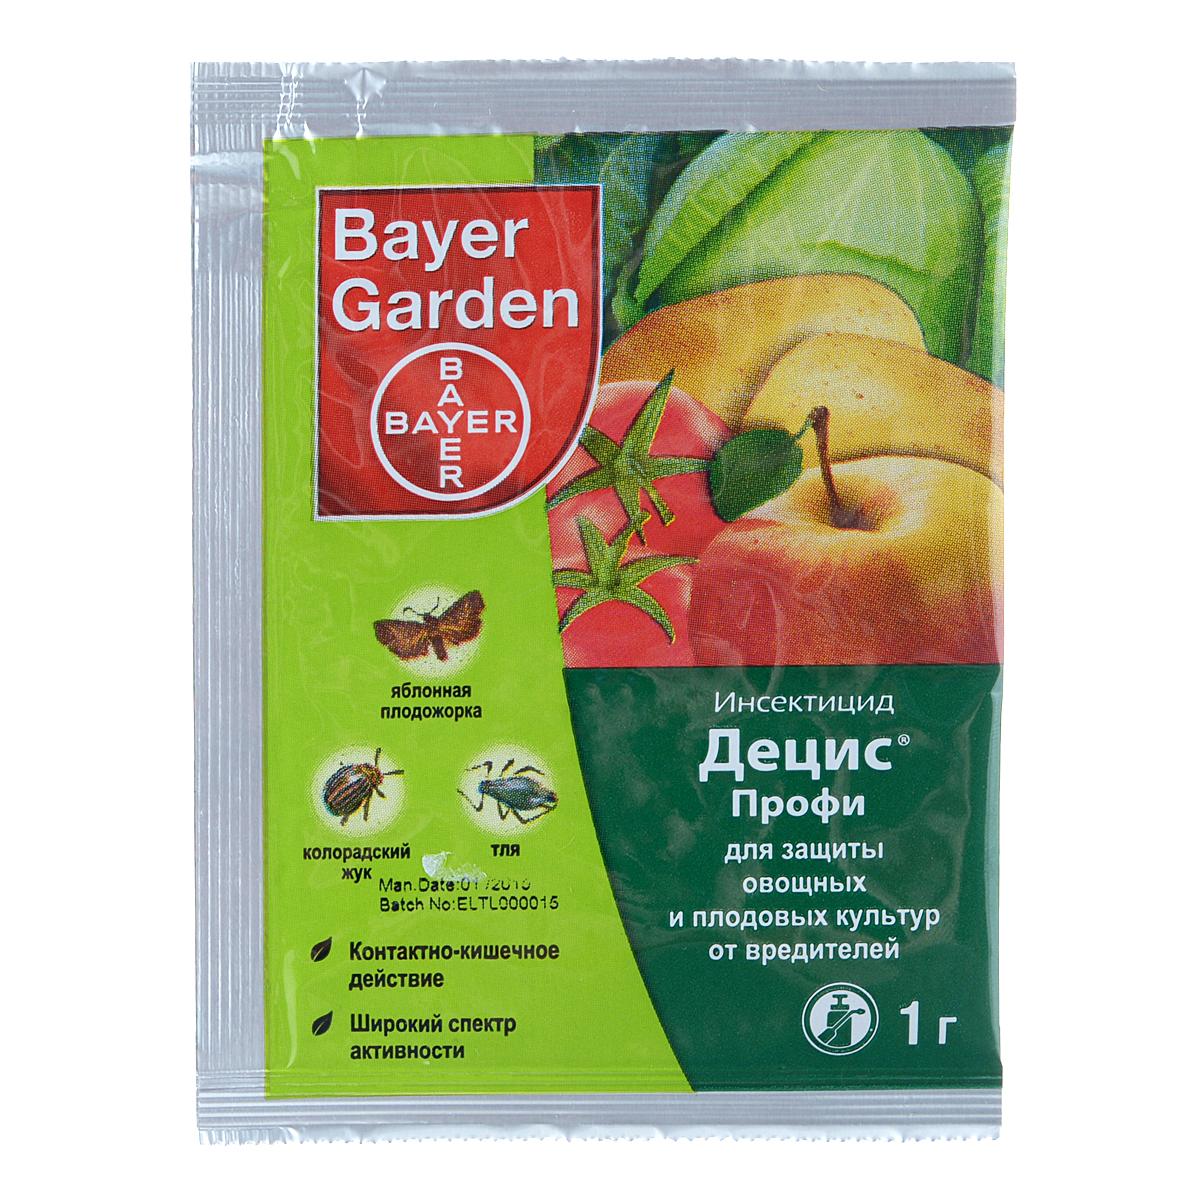 Инсектицид Bayer Garden Децис Профи, для защиты овощных и плодовых культур от вредителей, 1 г инсектицид для защиты картофеля от колорадского жука и сосущих вредителей калаш 10 мл